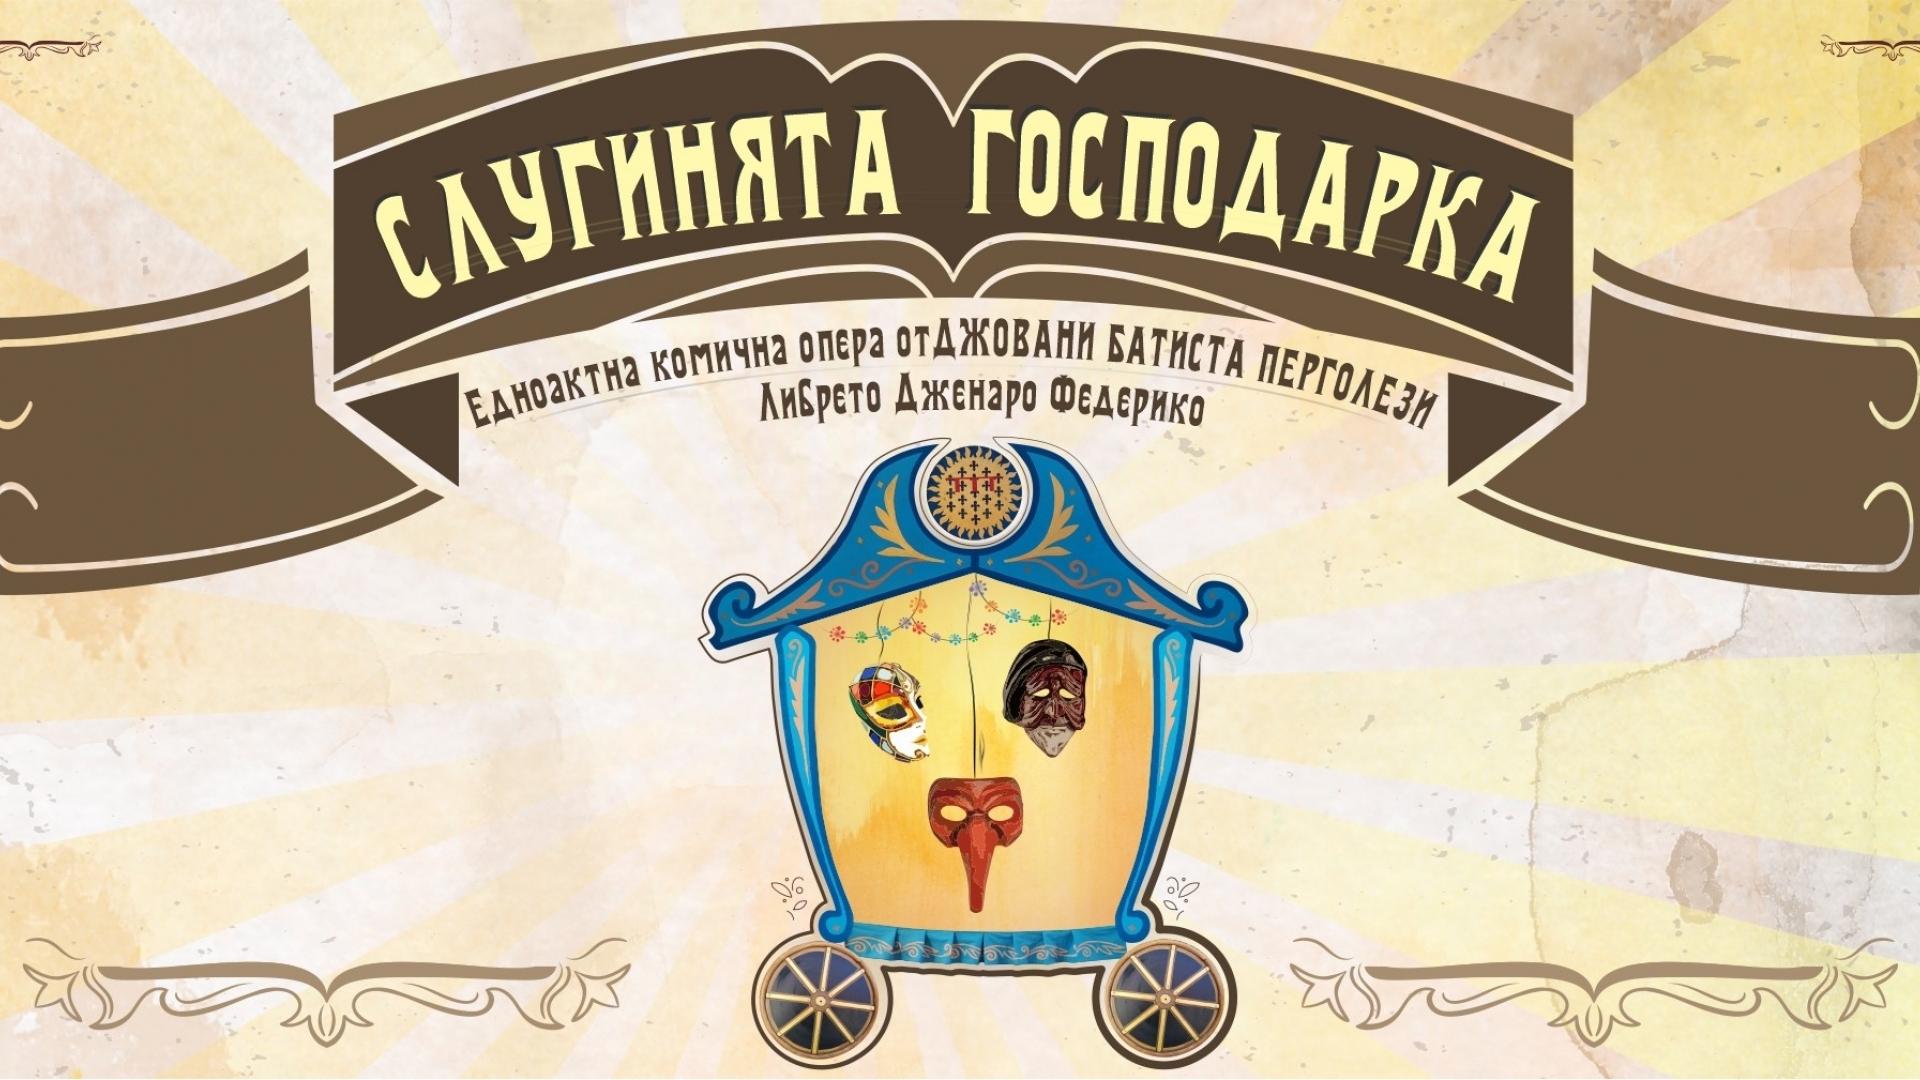 СЛУГИНЯТА ГОСПОДАРКА Едноактна комична опера